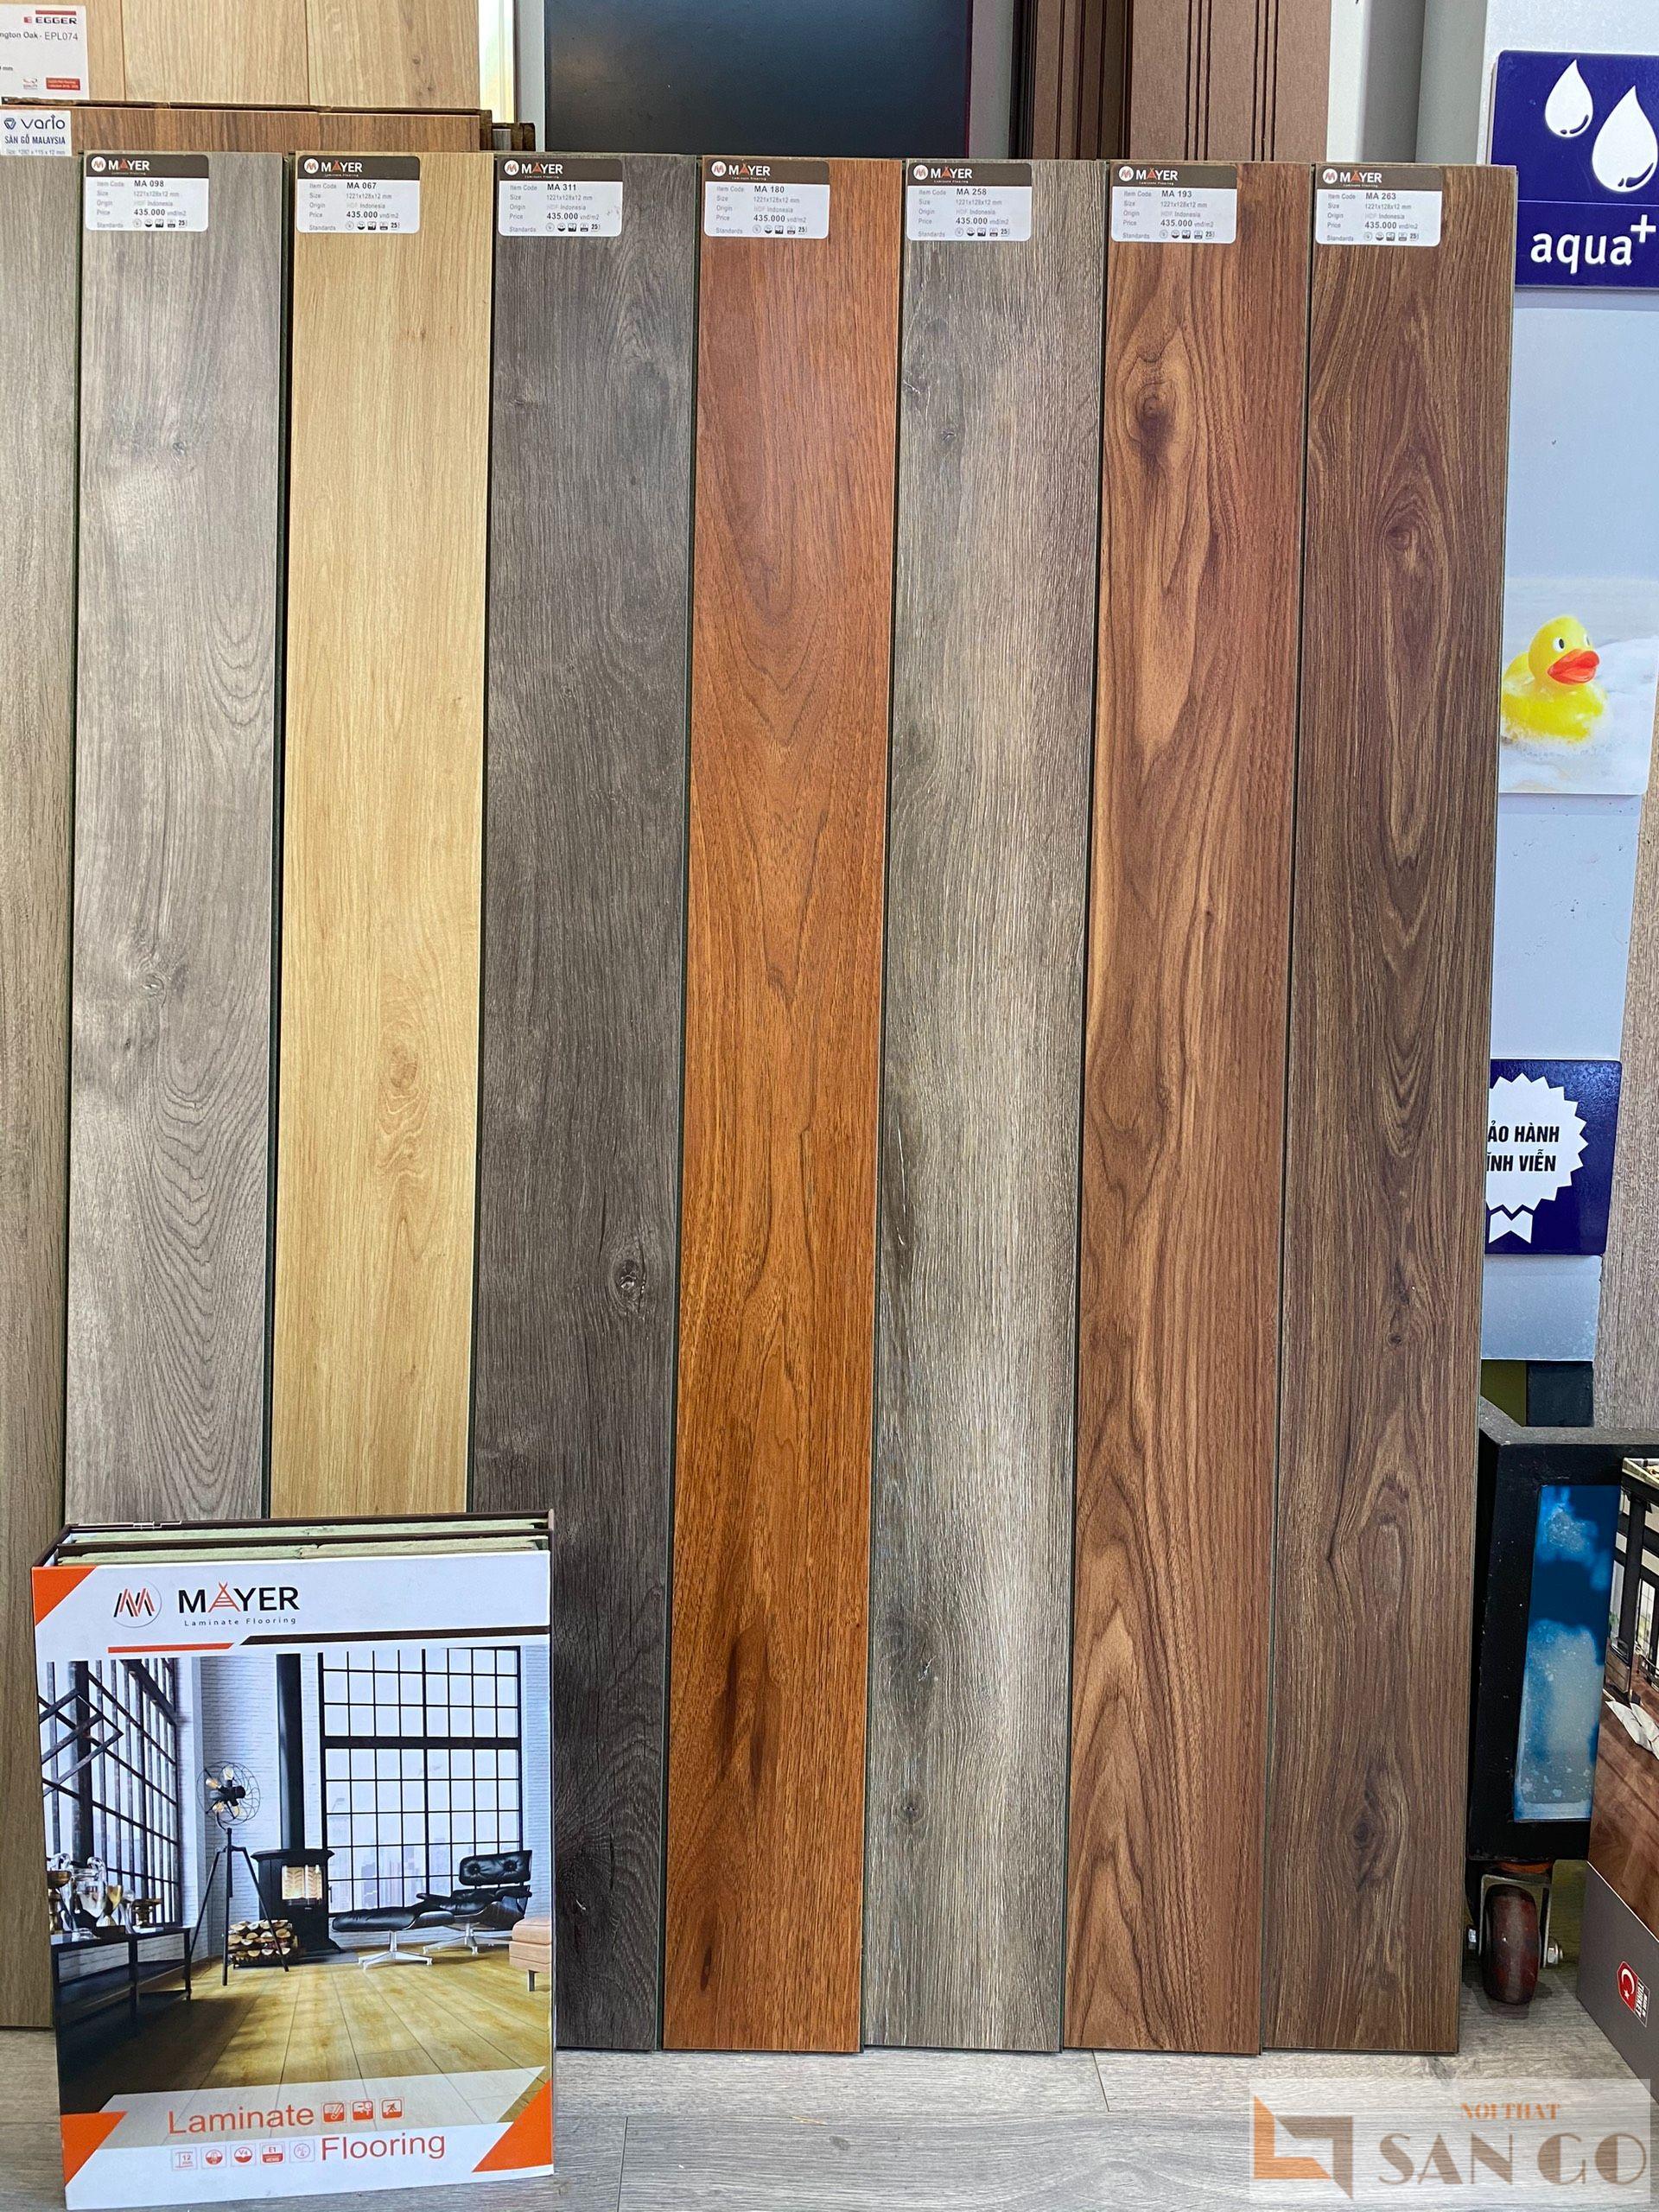 sàn gỗ Mayer